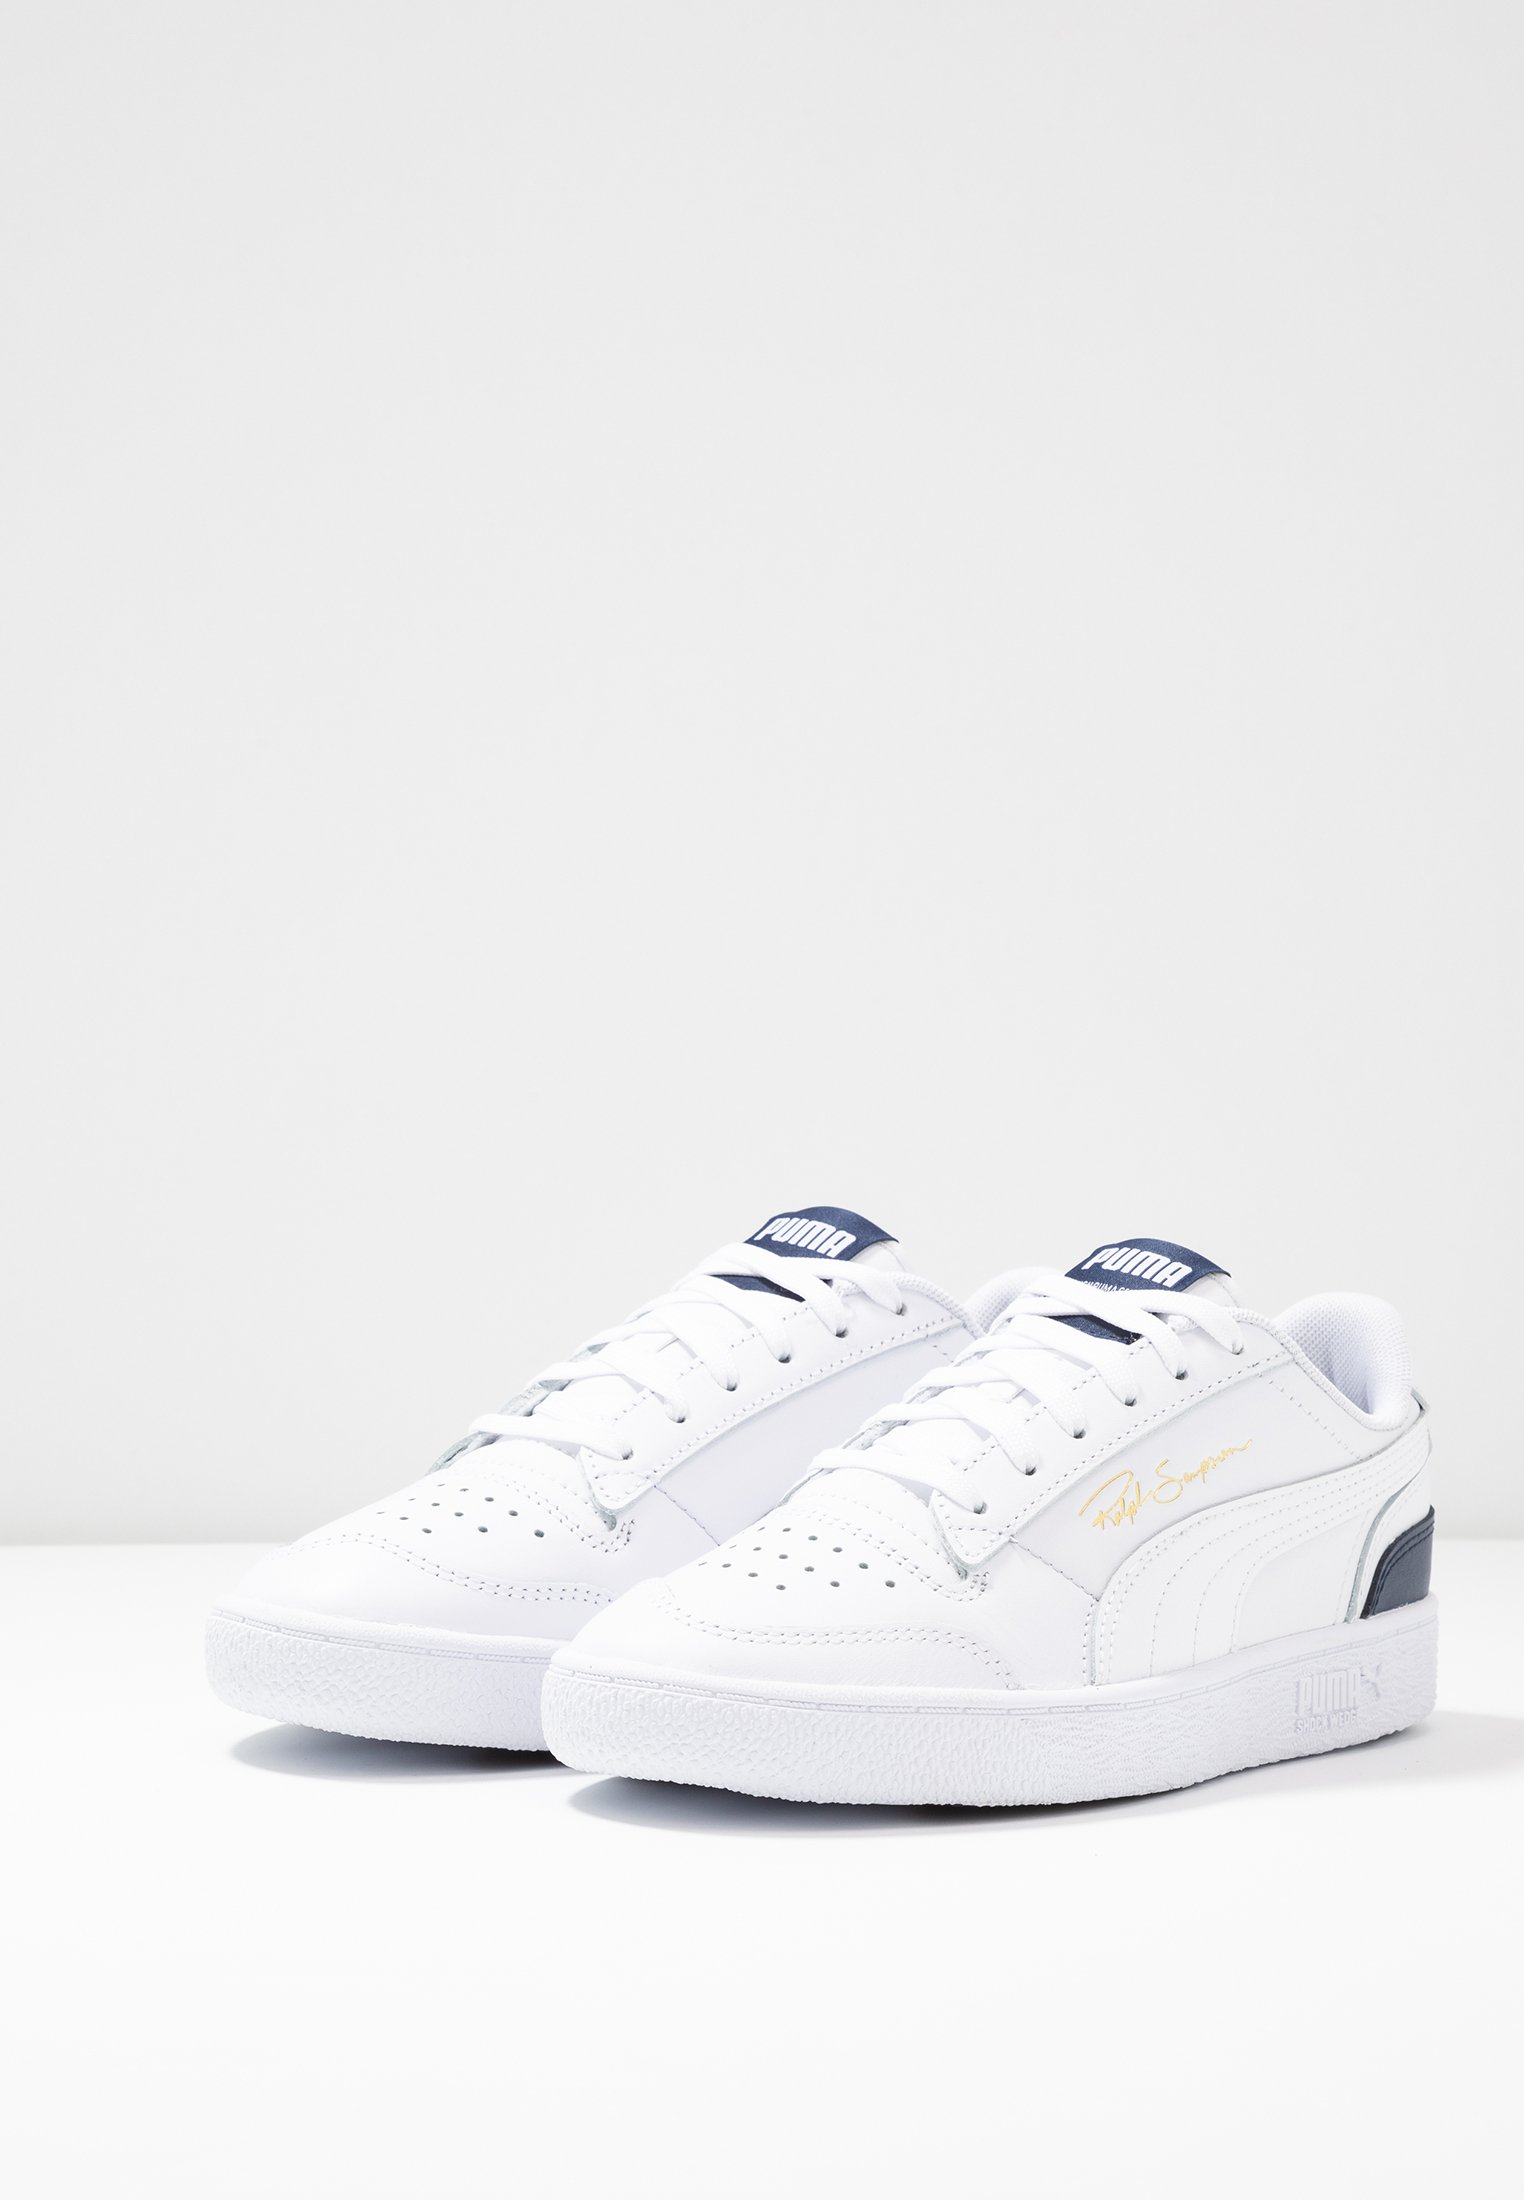 Puma Ralph Sampson - Baskets Basses White